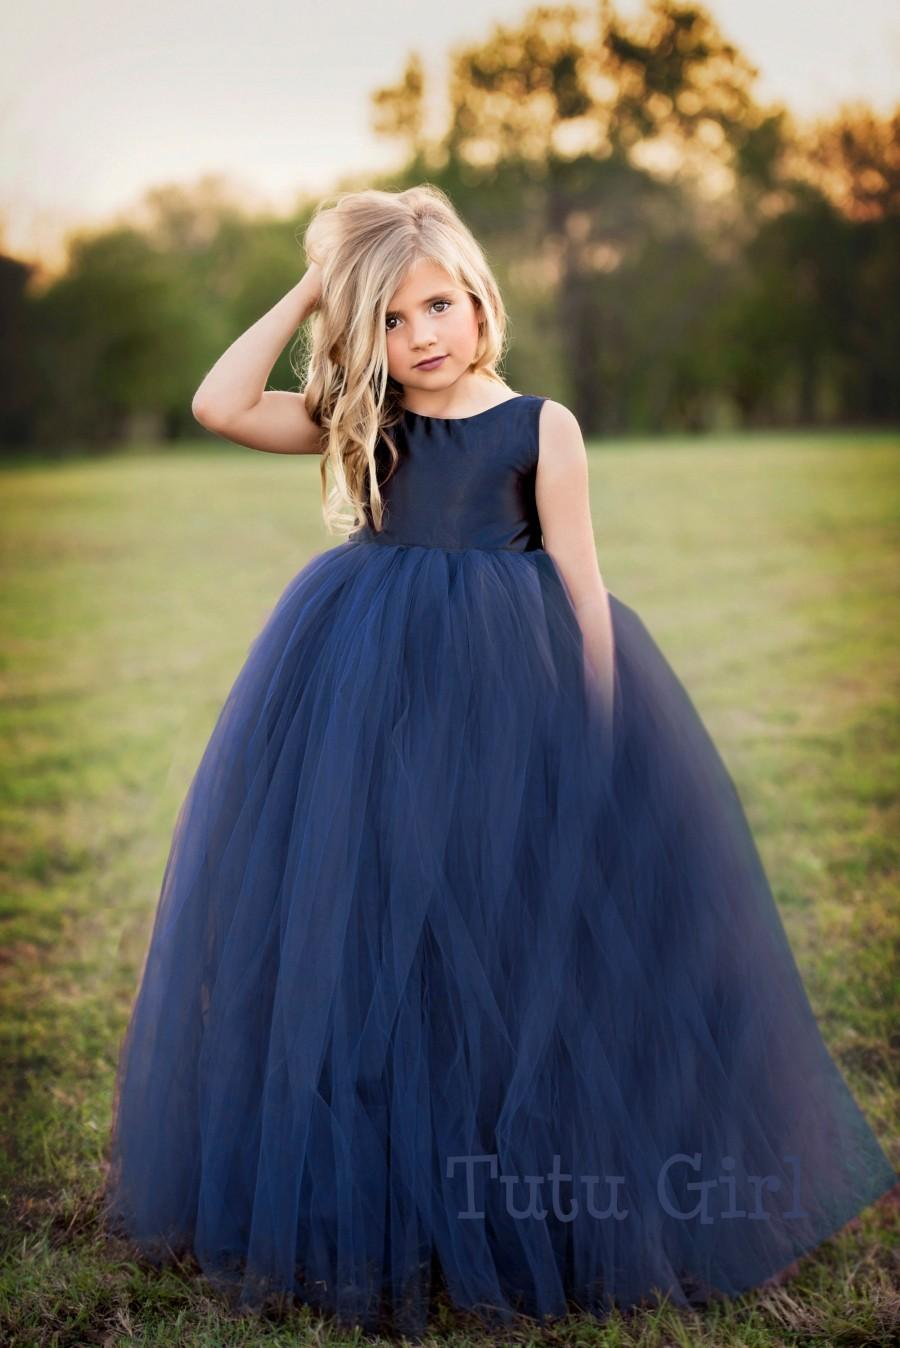 Wedding - Navy Flower Girl Dress Navy Tutu Dress Navy Tulle Dress Flower Girl Wedding - All Colors, All Sizes!